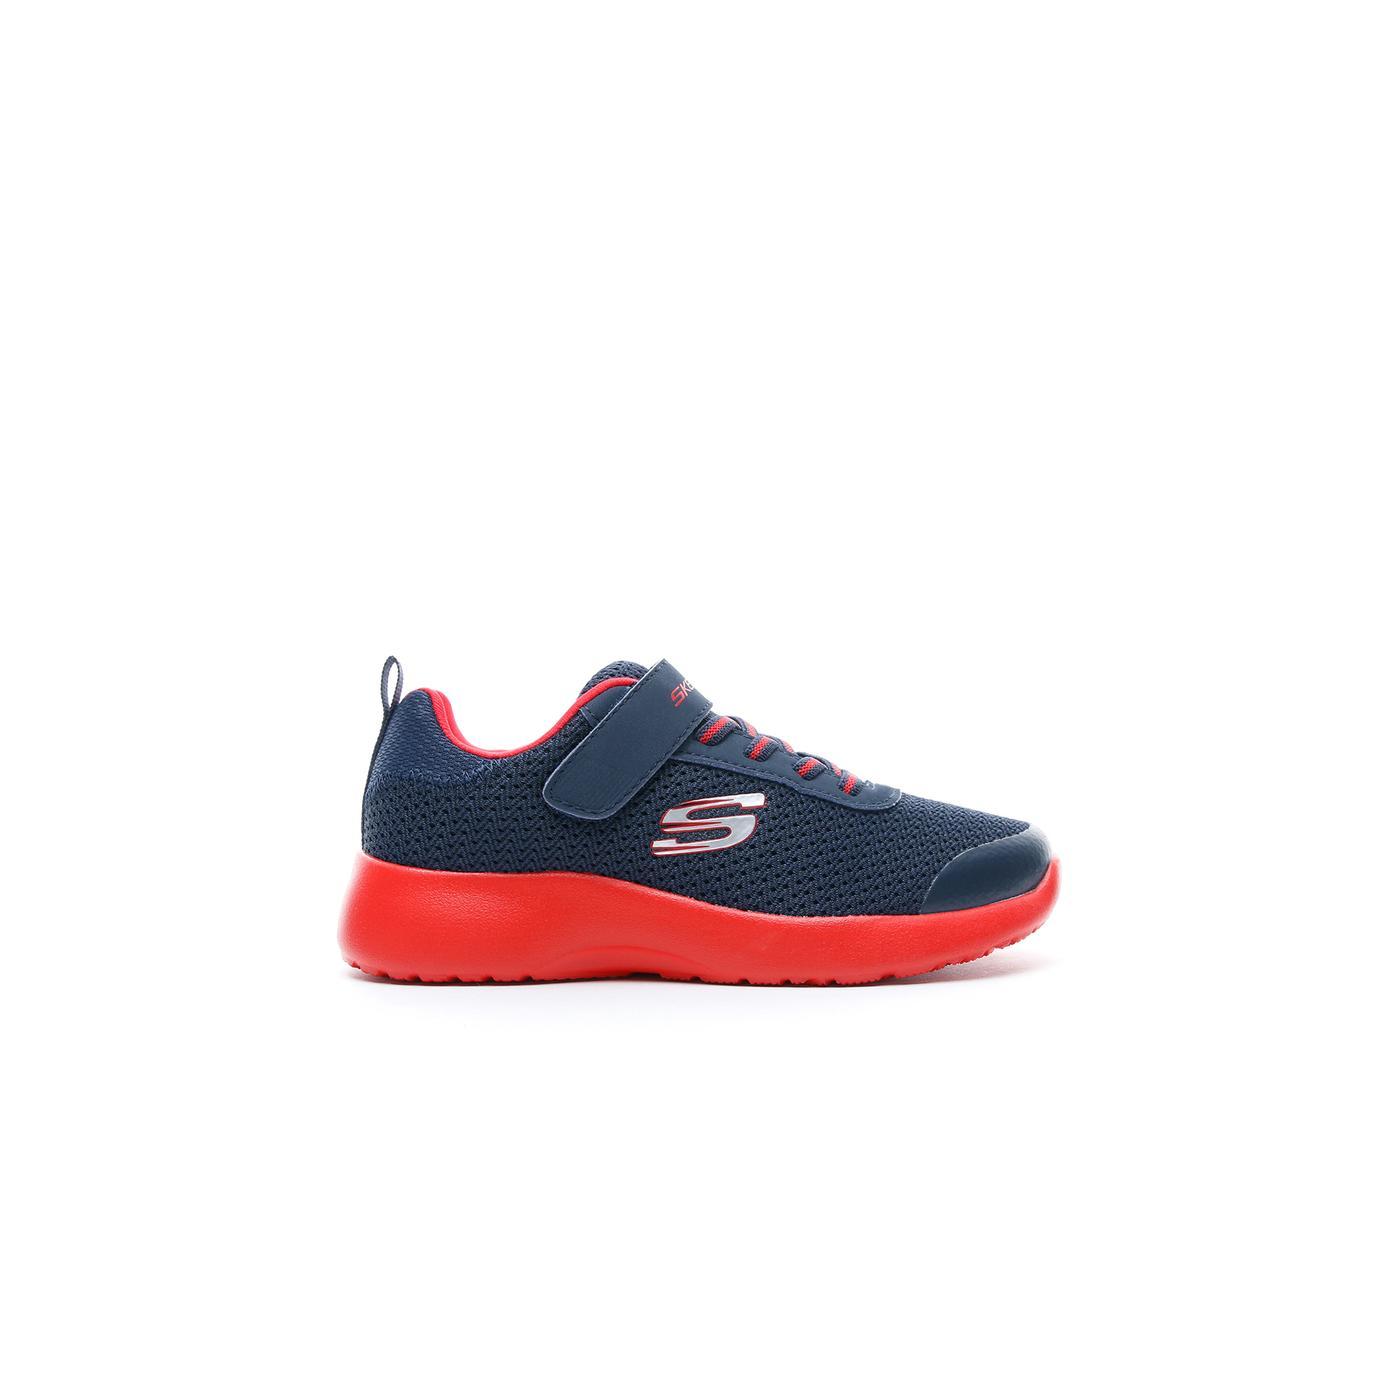 Skechers Dynamight Lacivert Çocuk Spor Ayakkabı